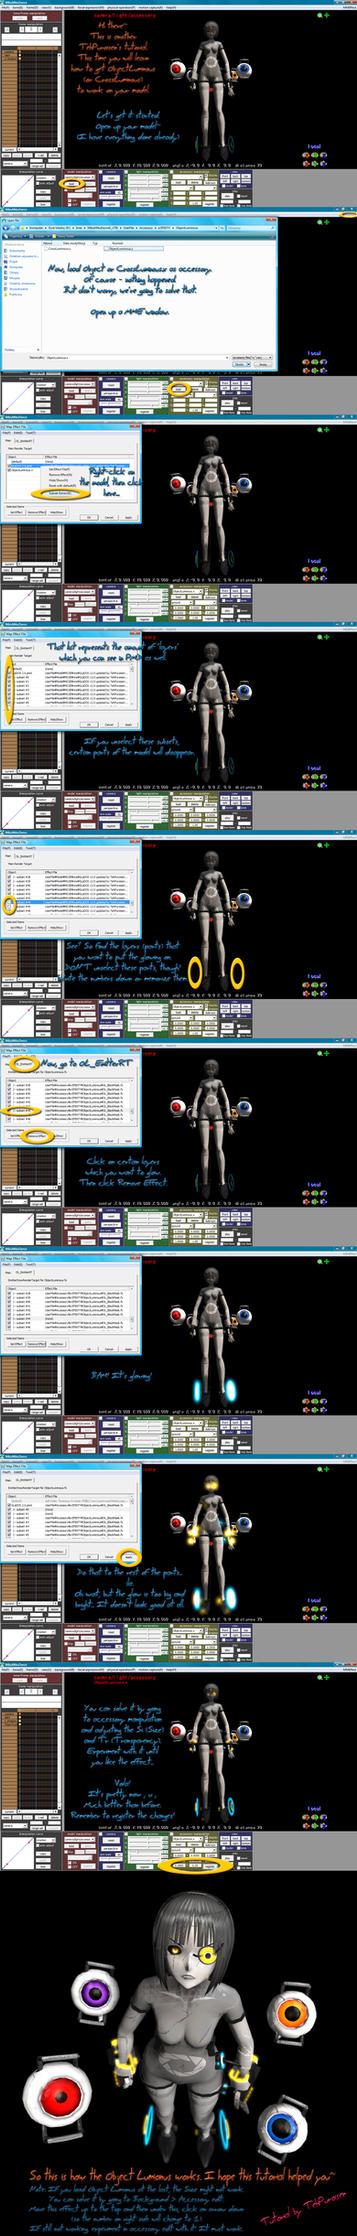 MMD Tutorial: Object/Cross Luminous MME by Puroistna